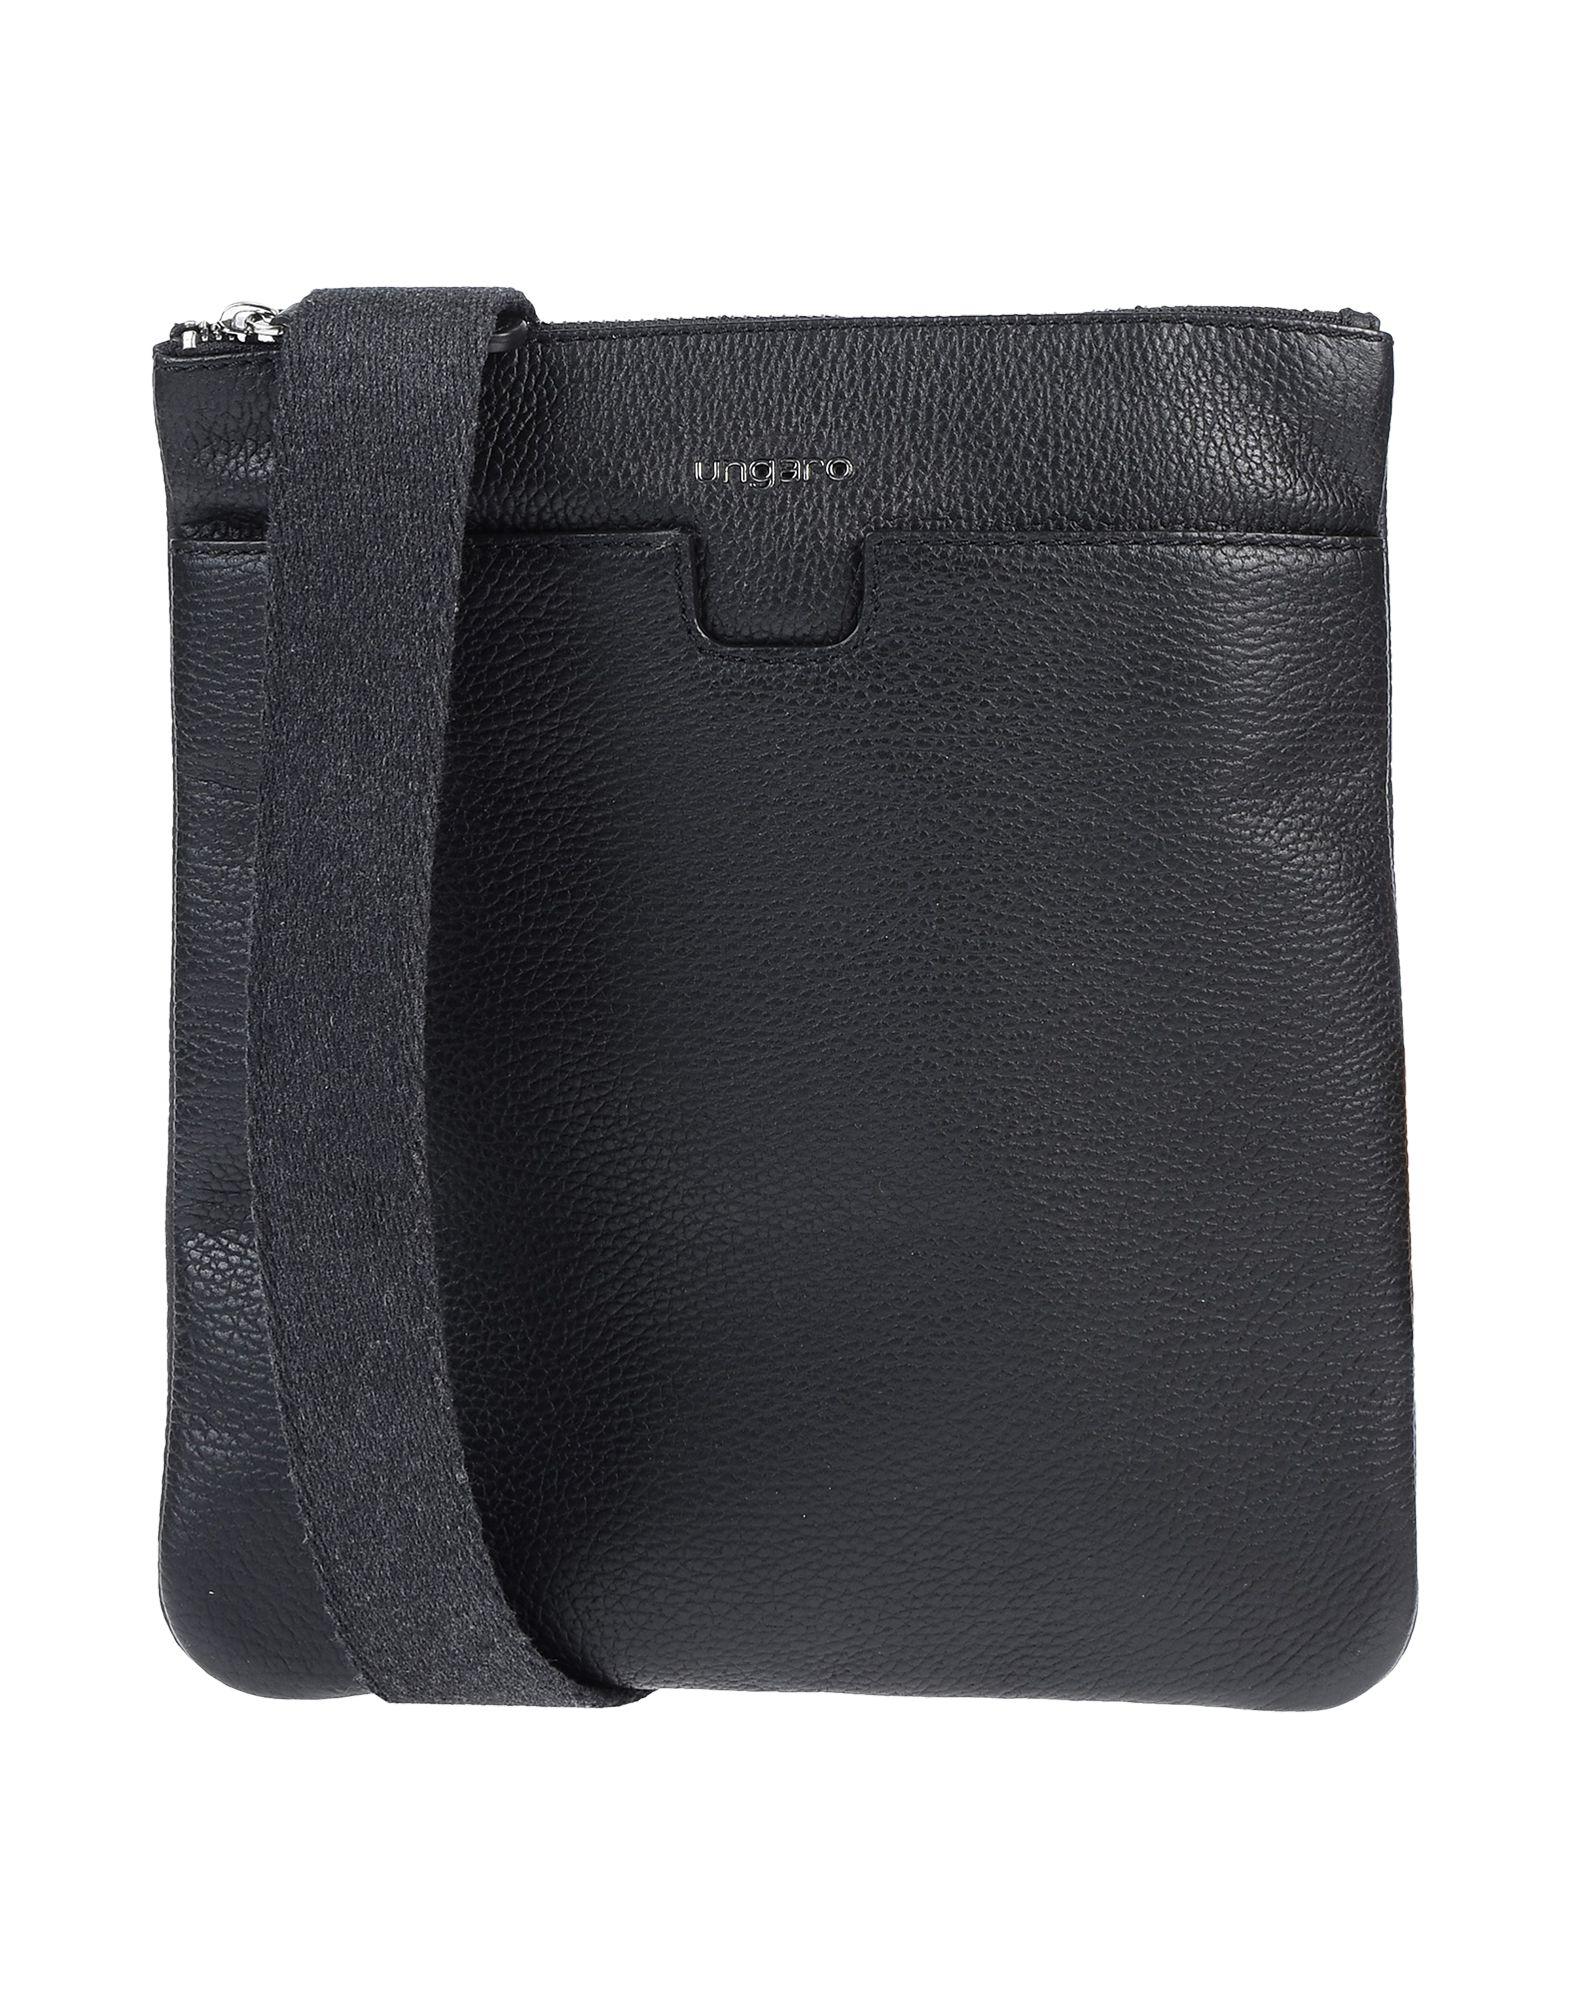 《送料無料》UNGARO メンズ メッセンジャーバッグ ブラック 牛革